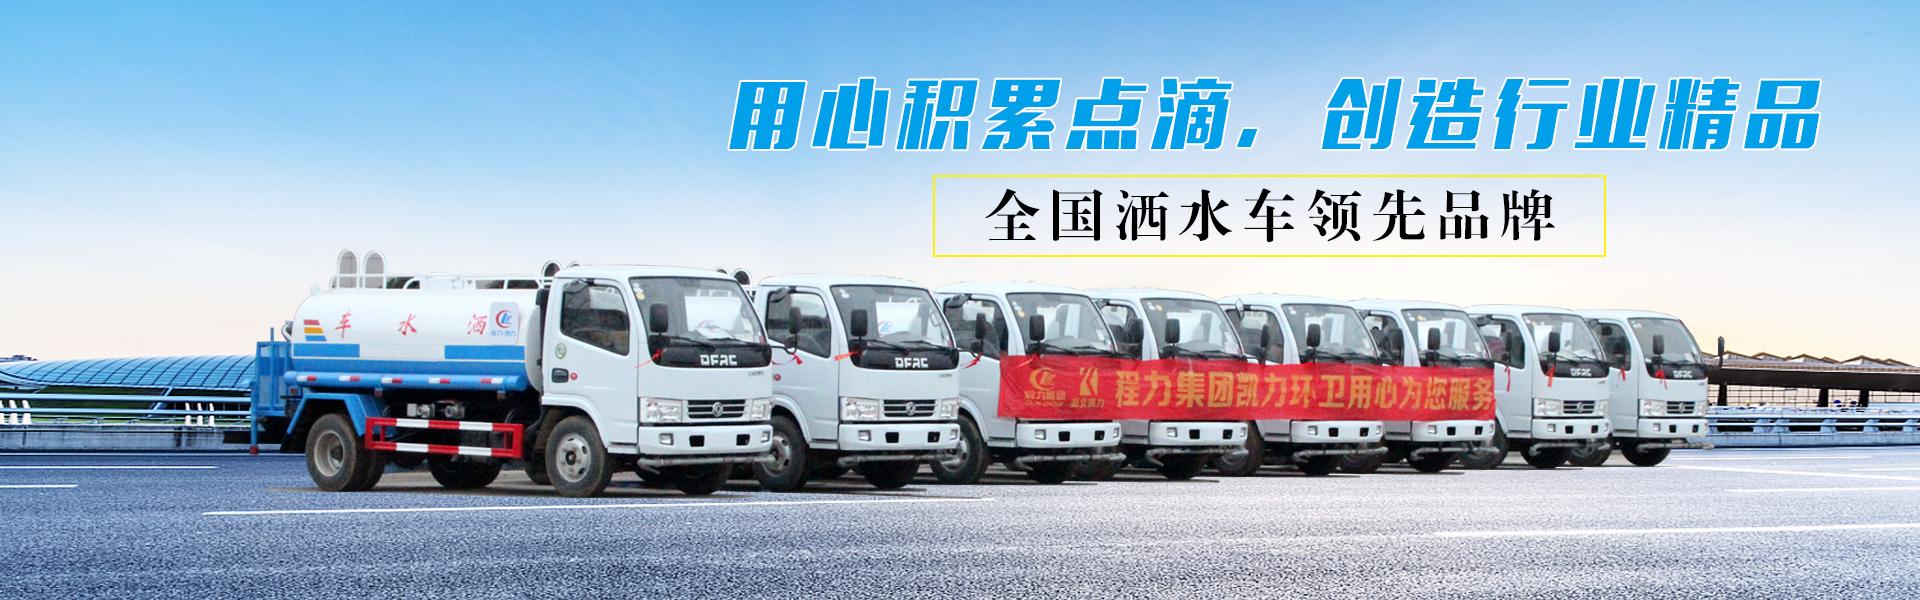 万博max手机版环卫专用汽车股份有限公司